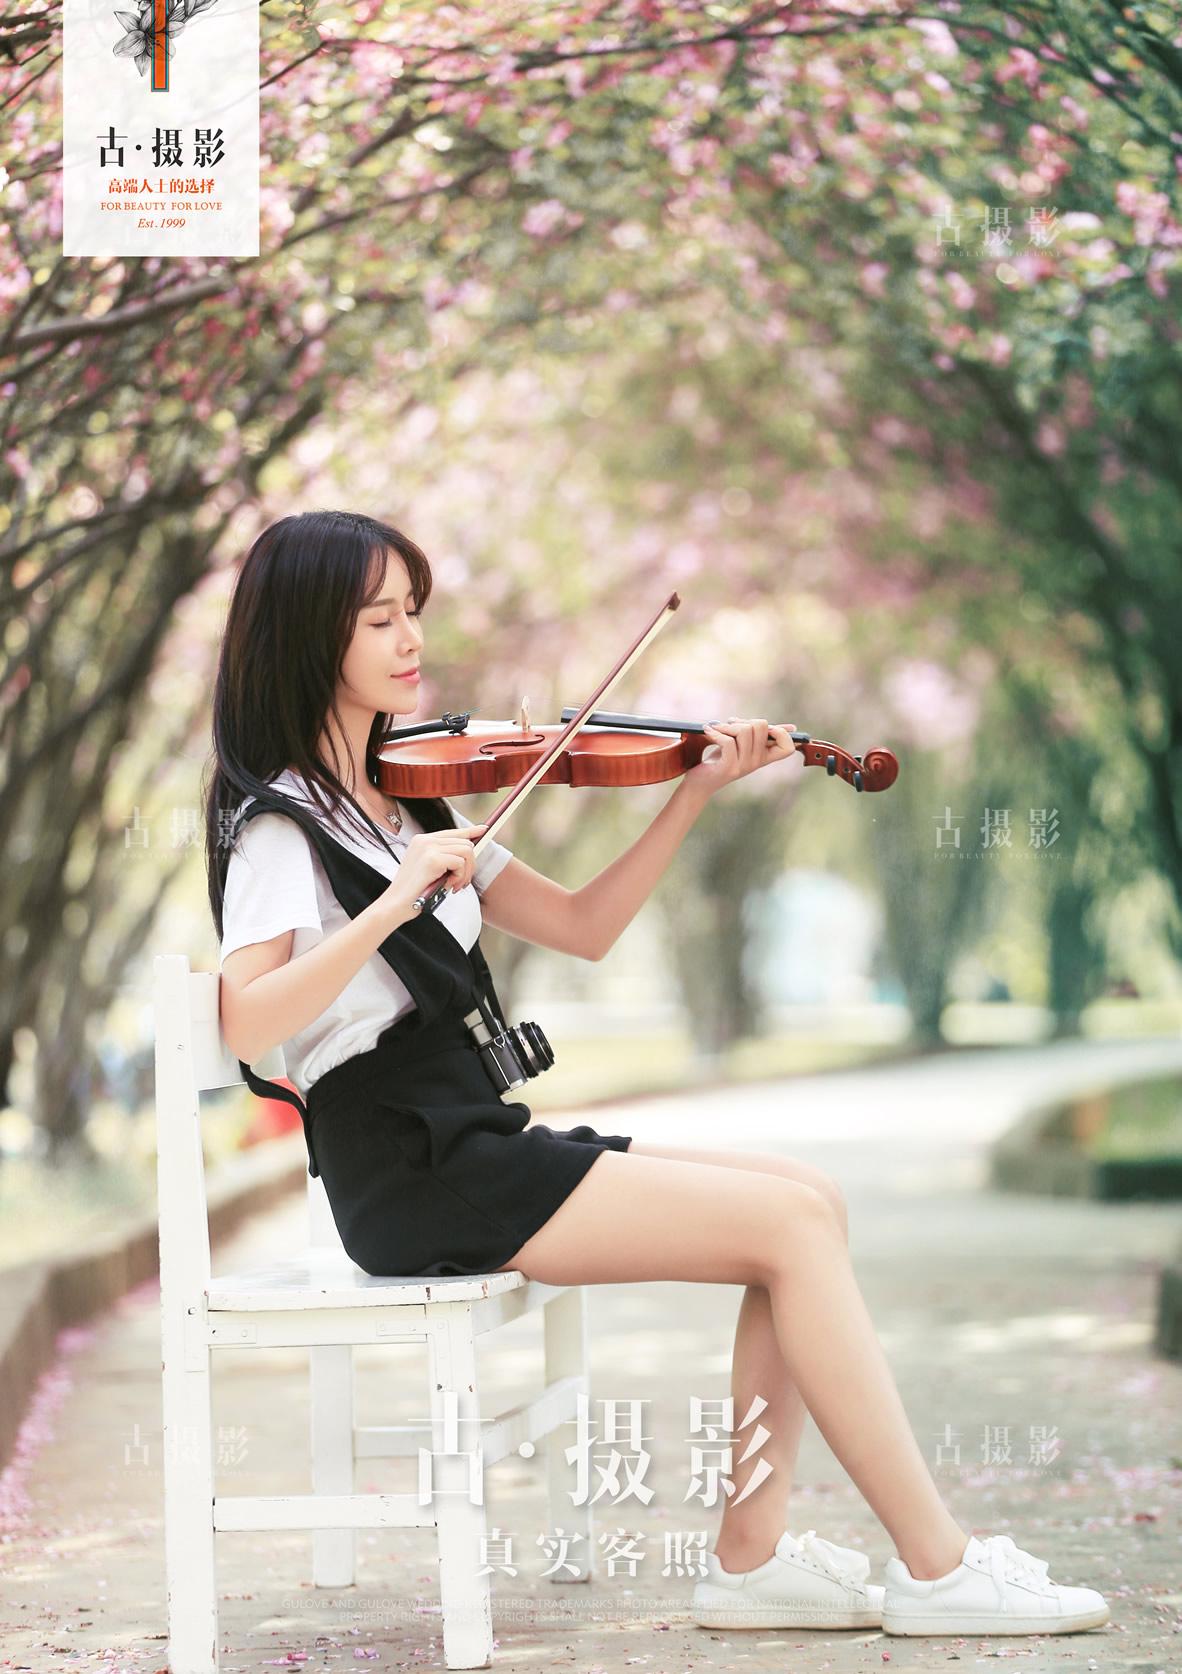 5月2日客片王先生 赵小姐 - 每日客照 - love昆明古摄影-昆明婚纱摄影网